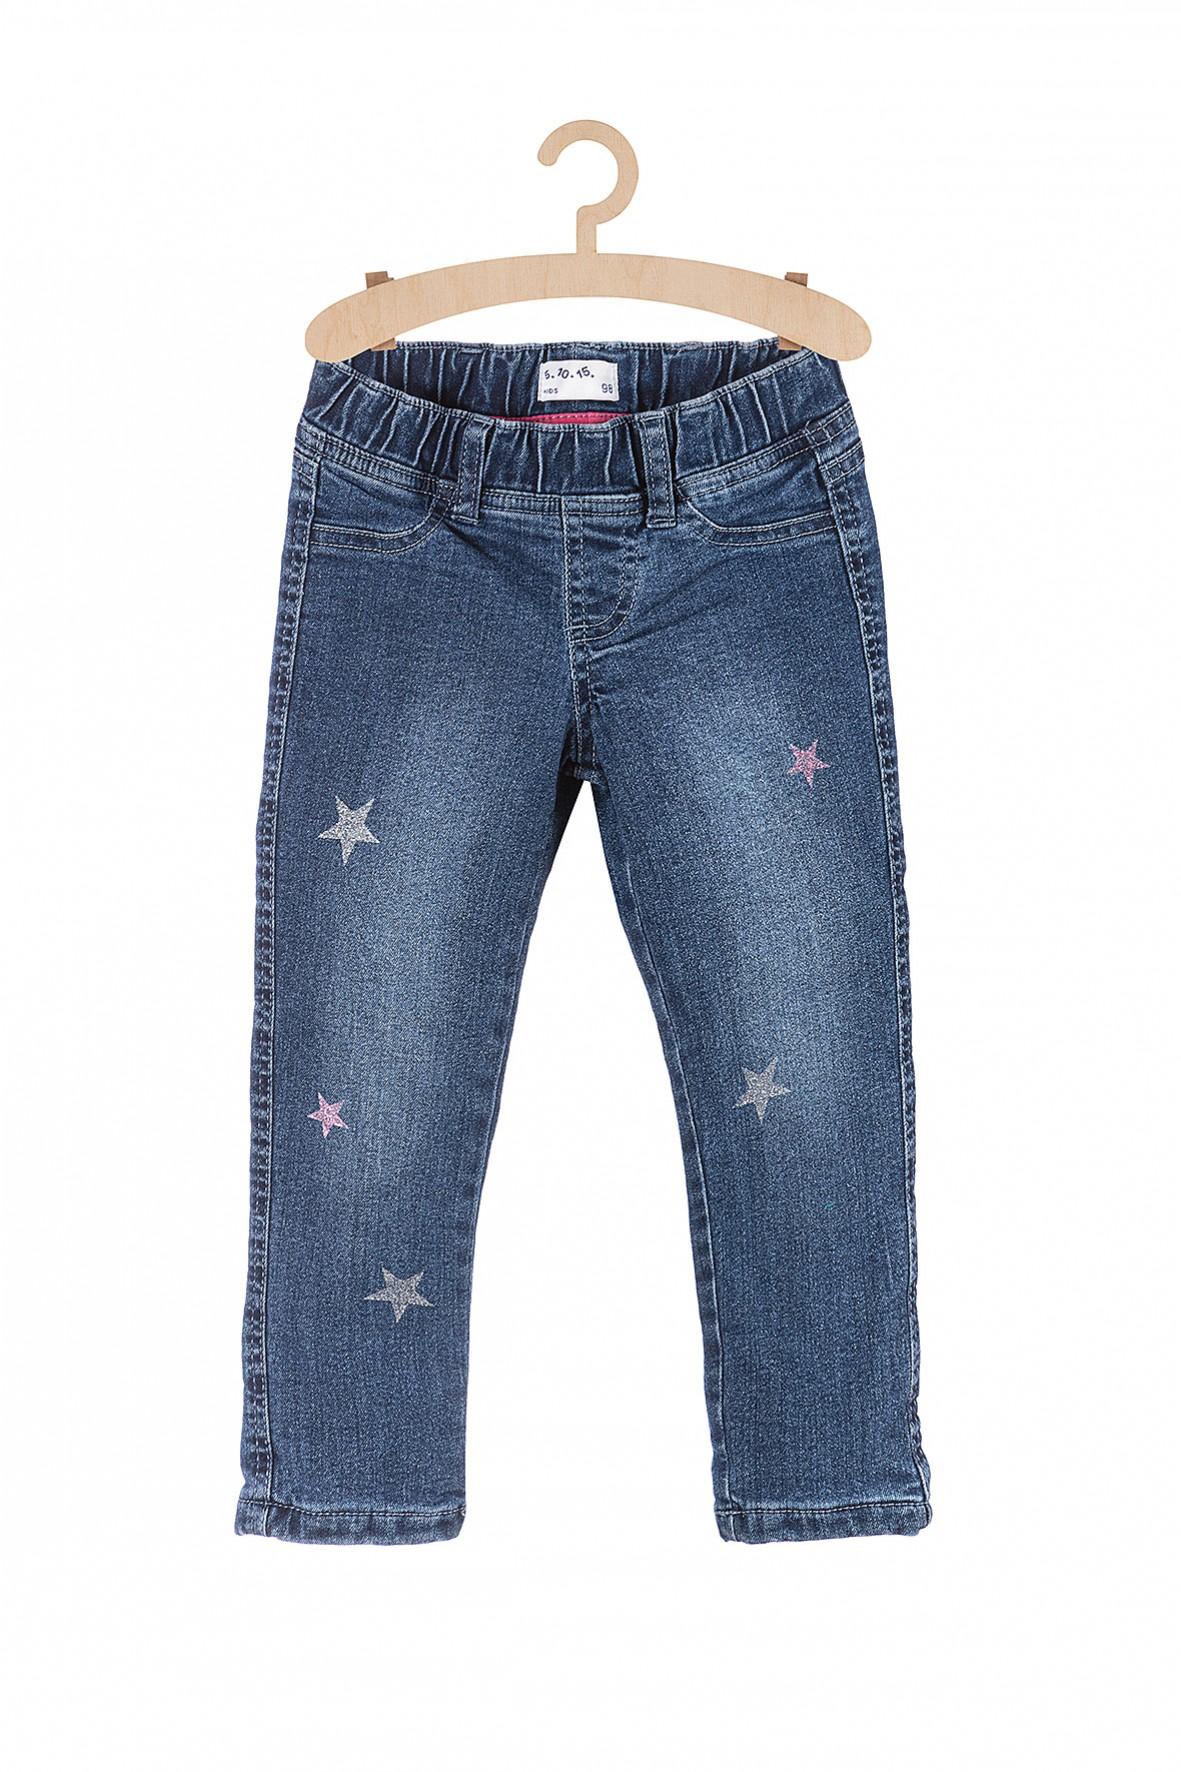 Spodnie dziewczęce jeansowe w gwiazdki